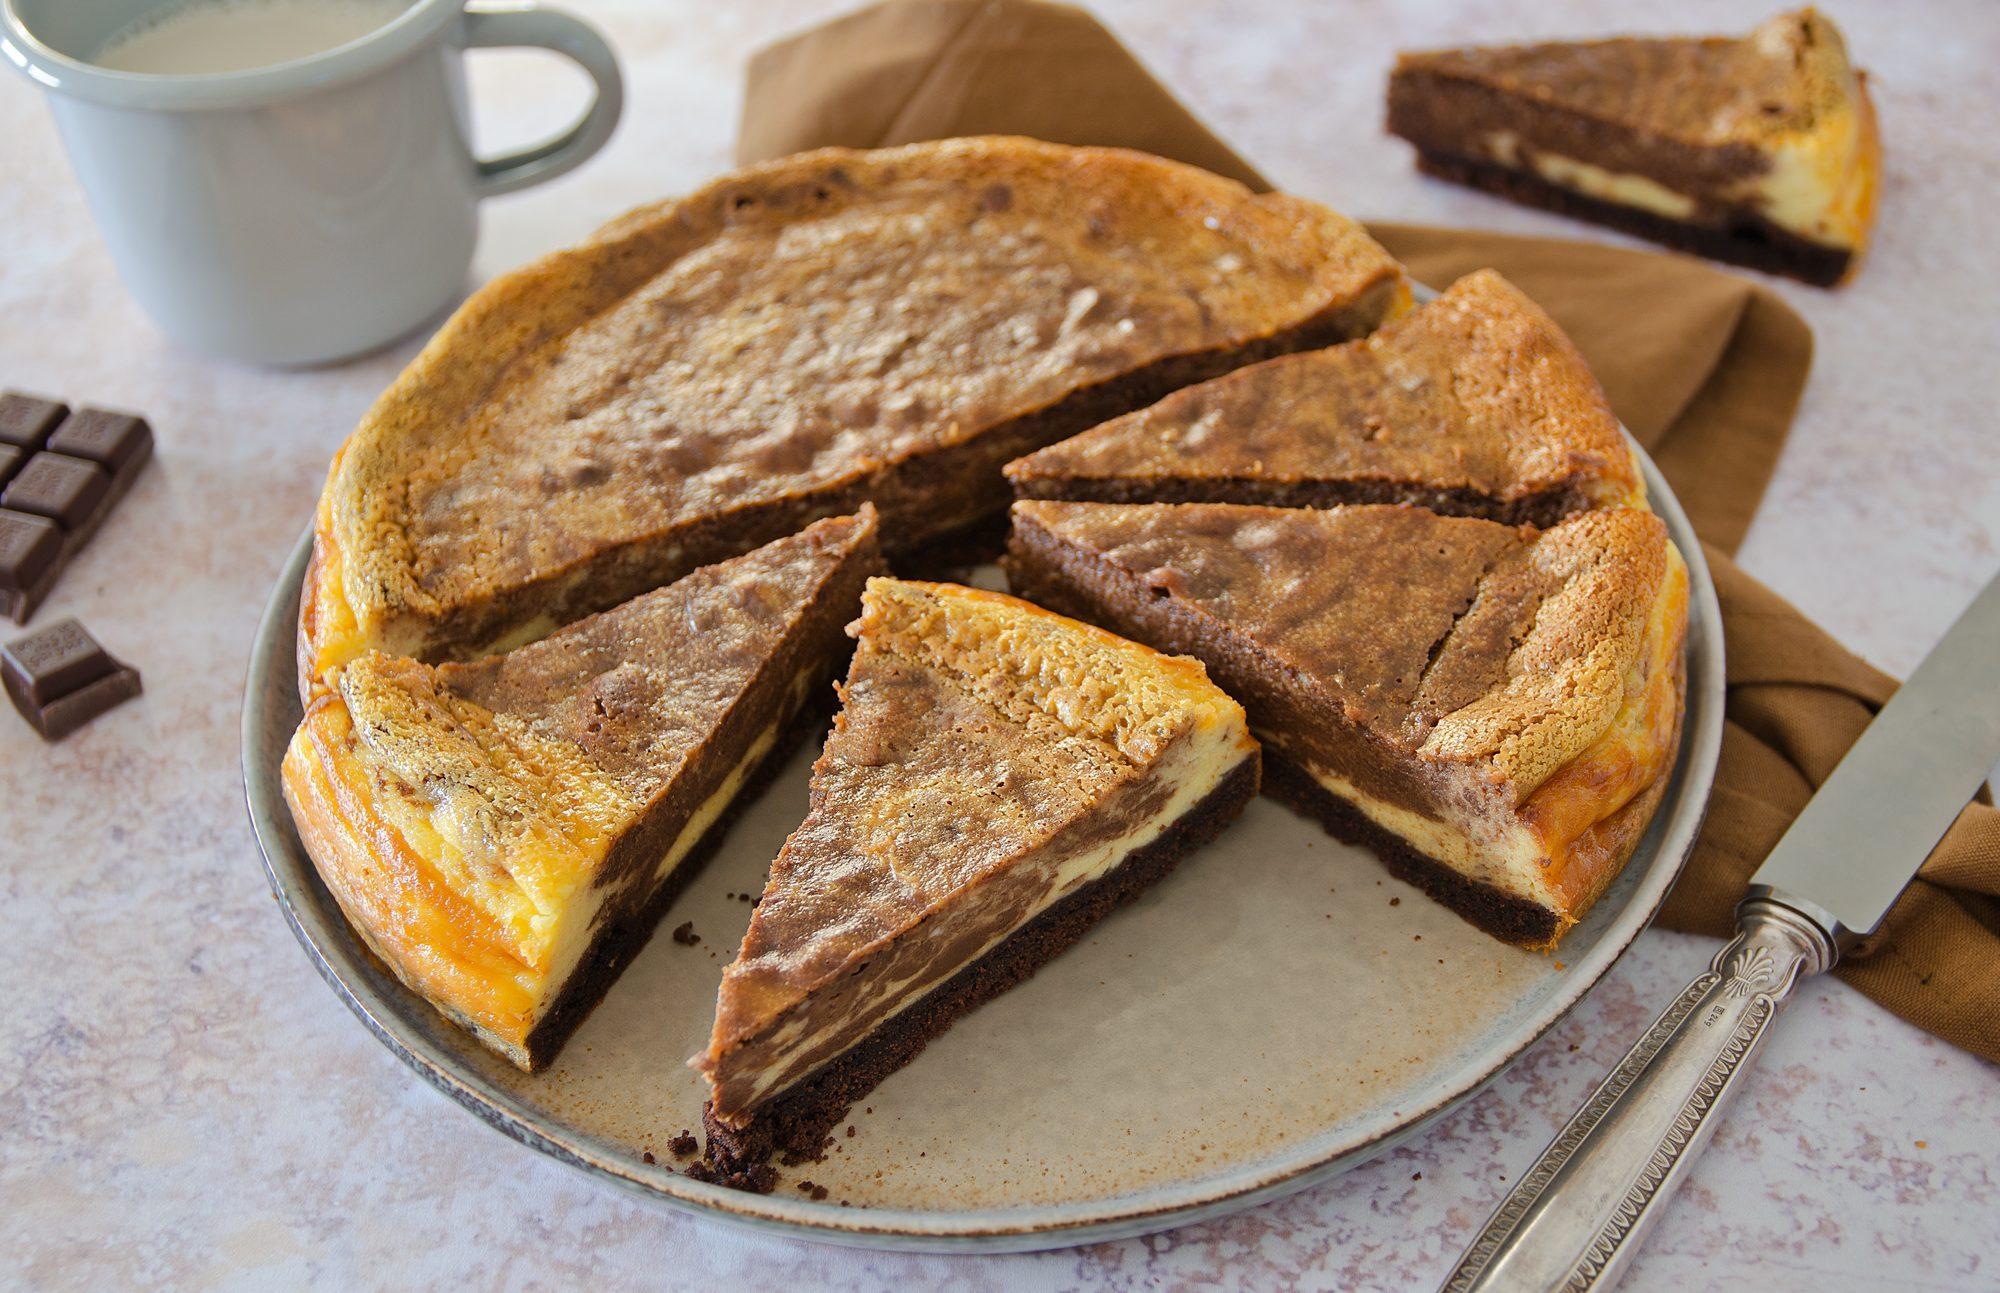 Cheesecake marmorizzata: la ricetta al forno del dolce variegato al cacao